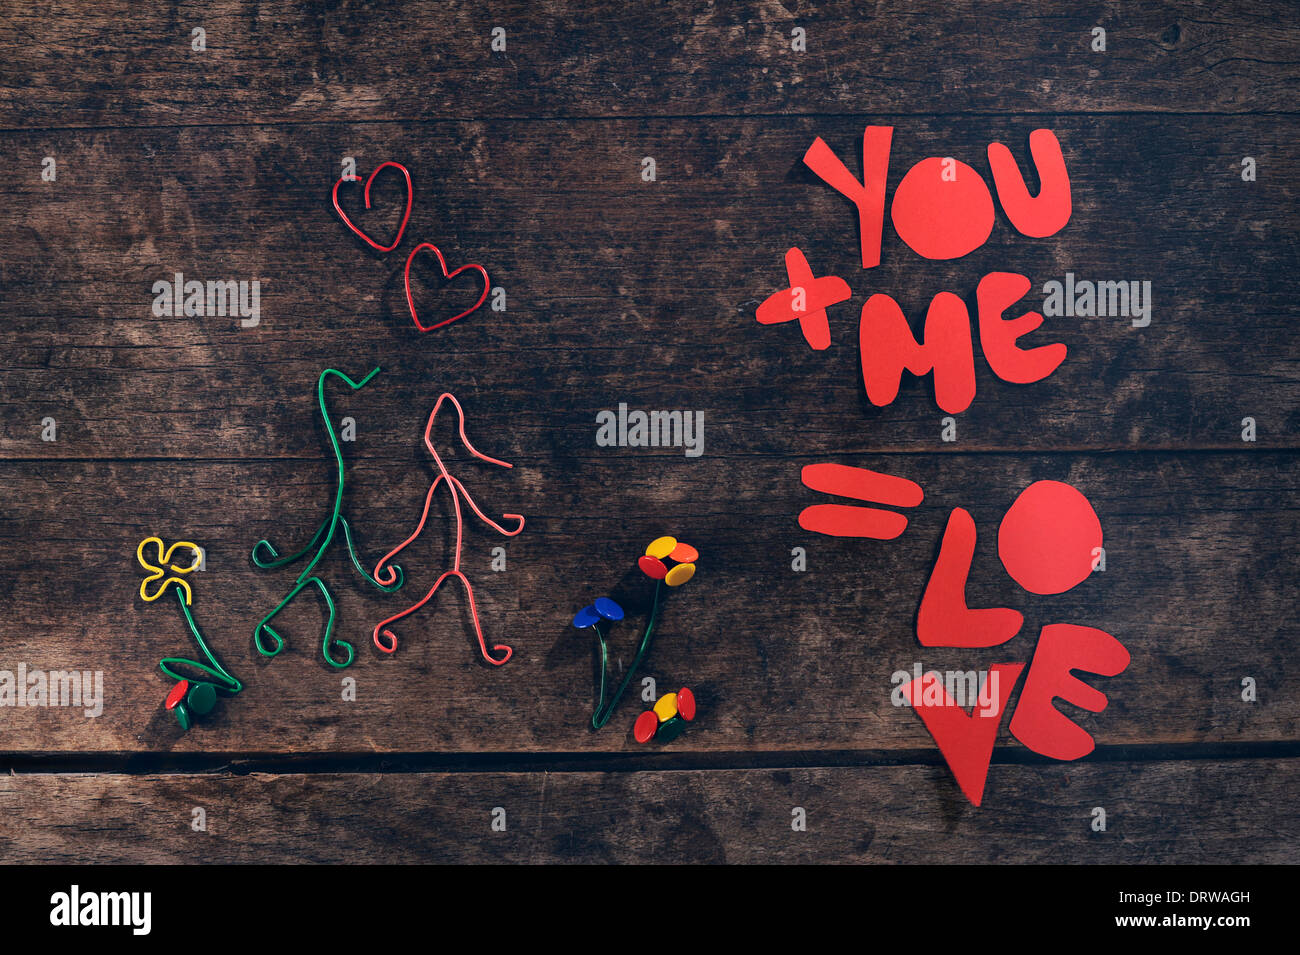 Message d'amour créatif. Couple holding hands fabriqué à partir de trombones et punaises et vintage sur fond de bois. Banque D'Images